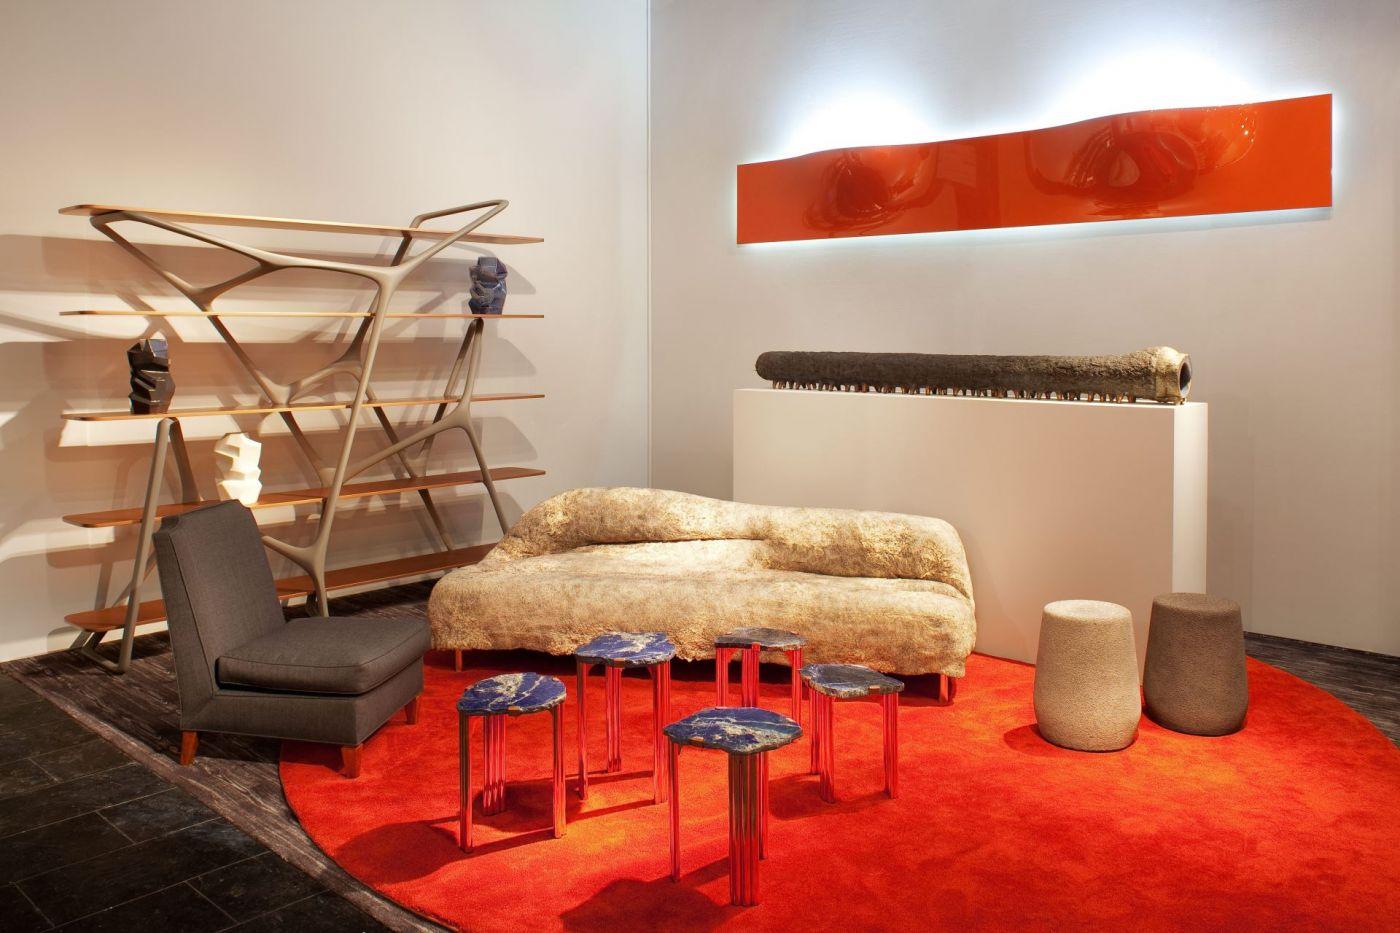 galerie bsl collective design fair. Black Bedroom Furniture Sets. Home Design Ideas